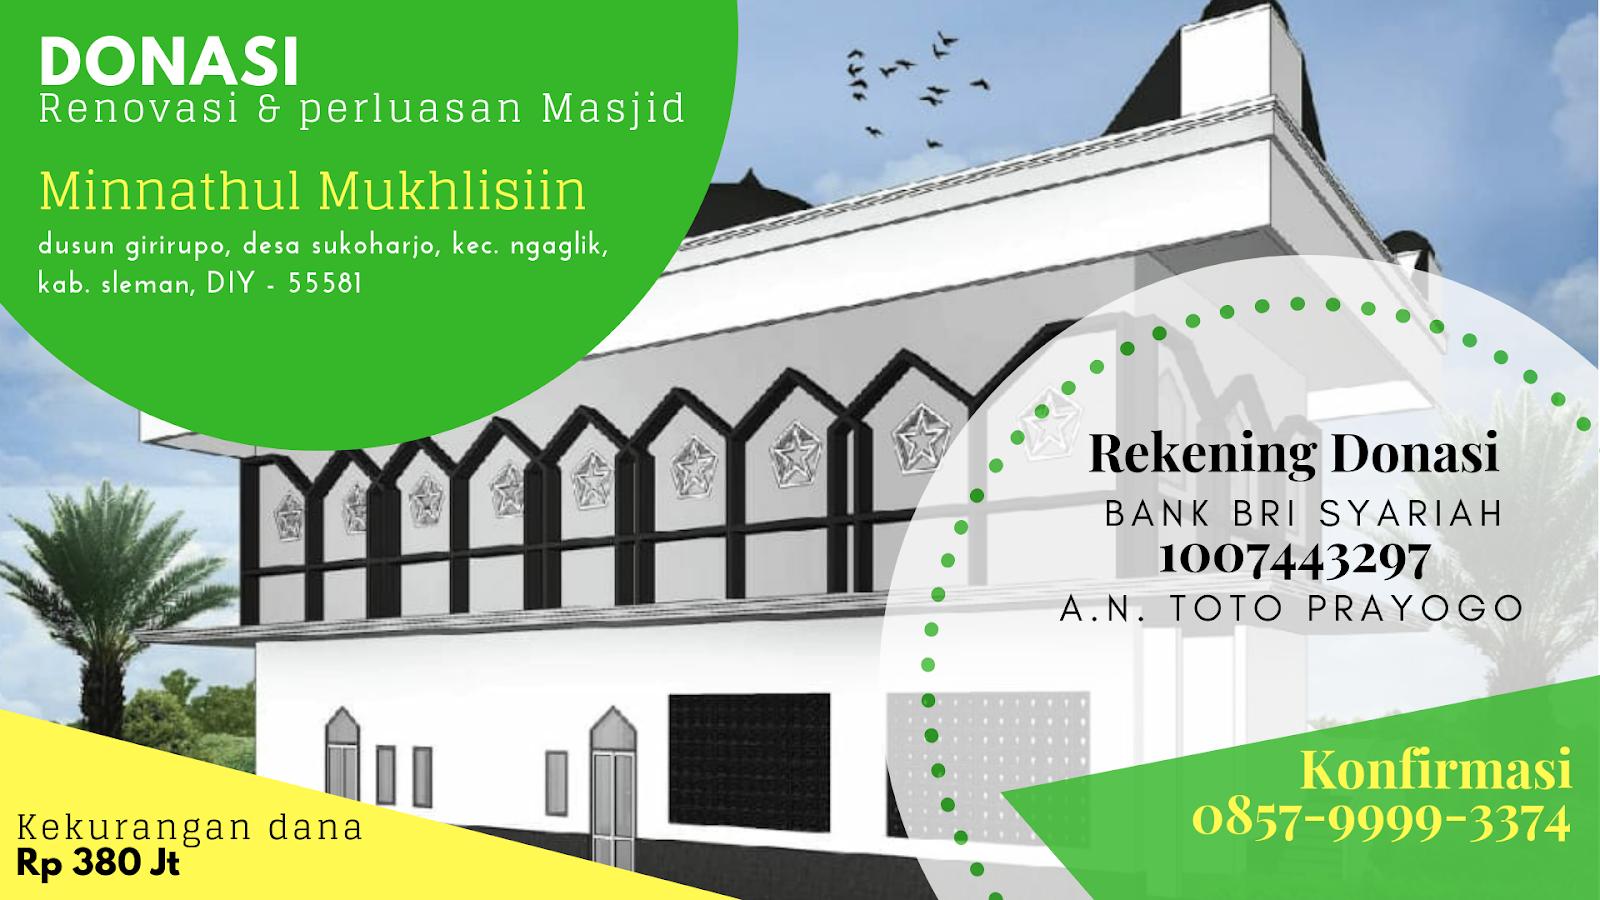 donasi masjid renovasi dan perluasan minnathul mukhlisiin